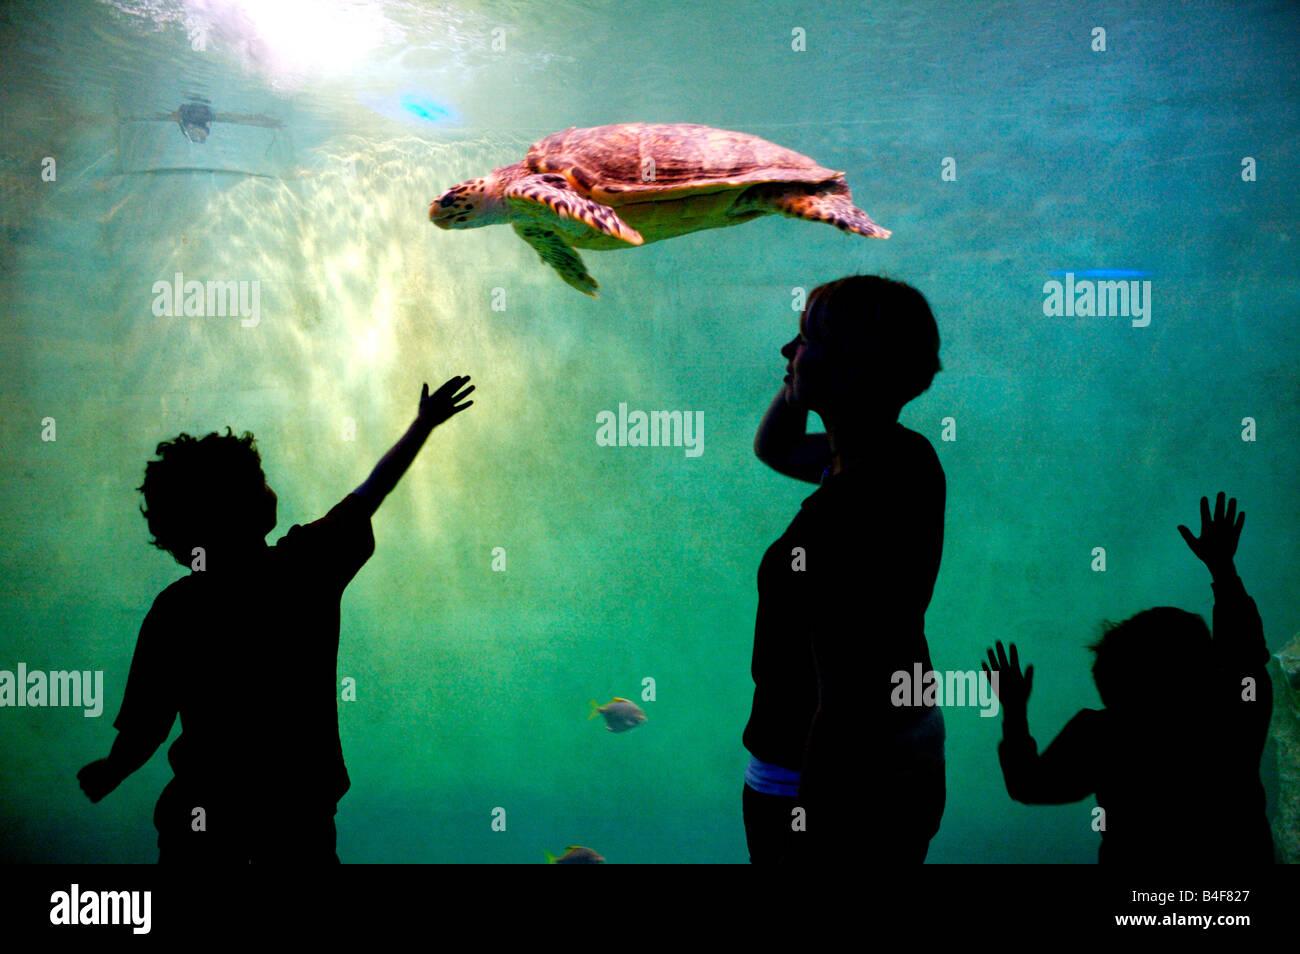 Kinder beobachten eine Schildkröte in einem Aquarium schwimmen Frankreich Stockbild